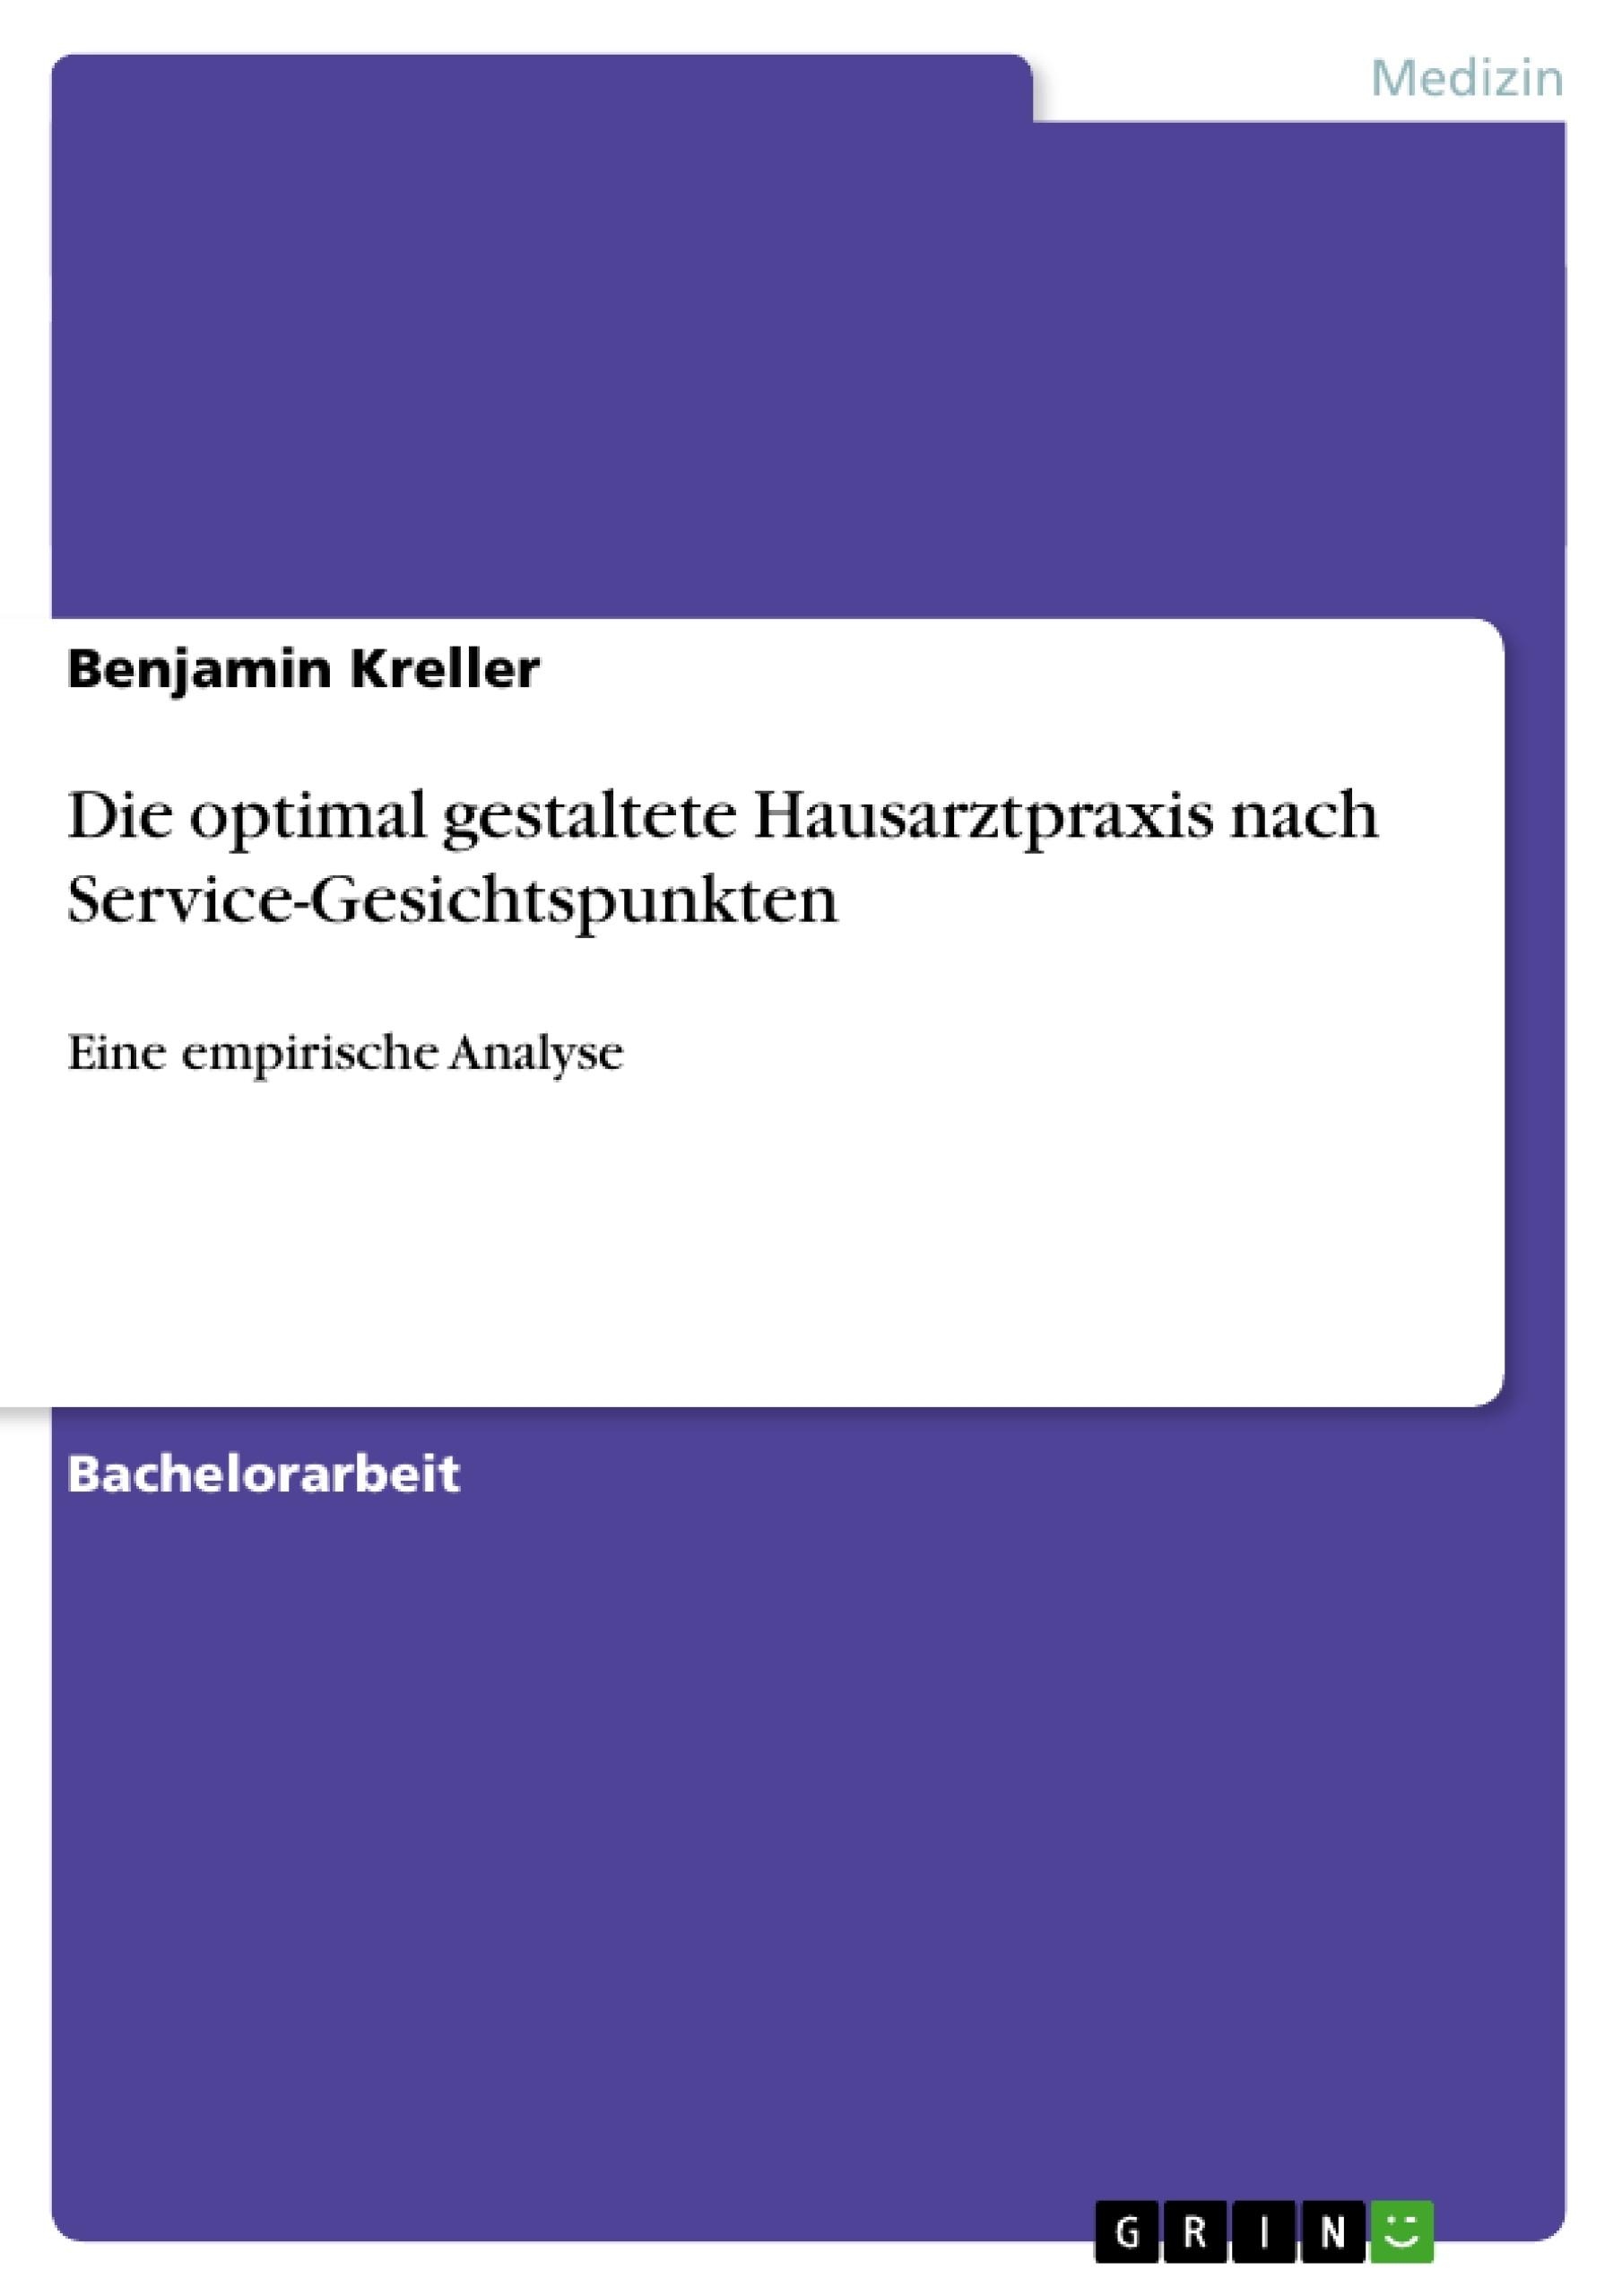 Titel: Die optimal gestaltete Hausarztpraxis nach Service-Gesichtspunkten